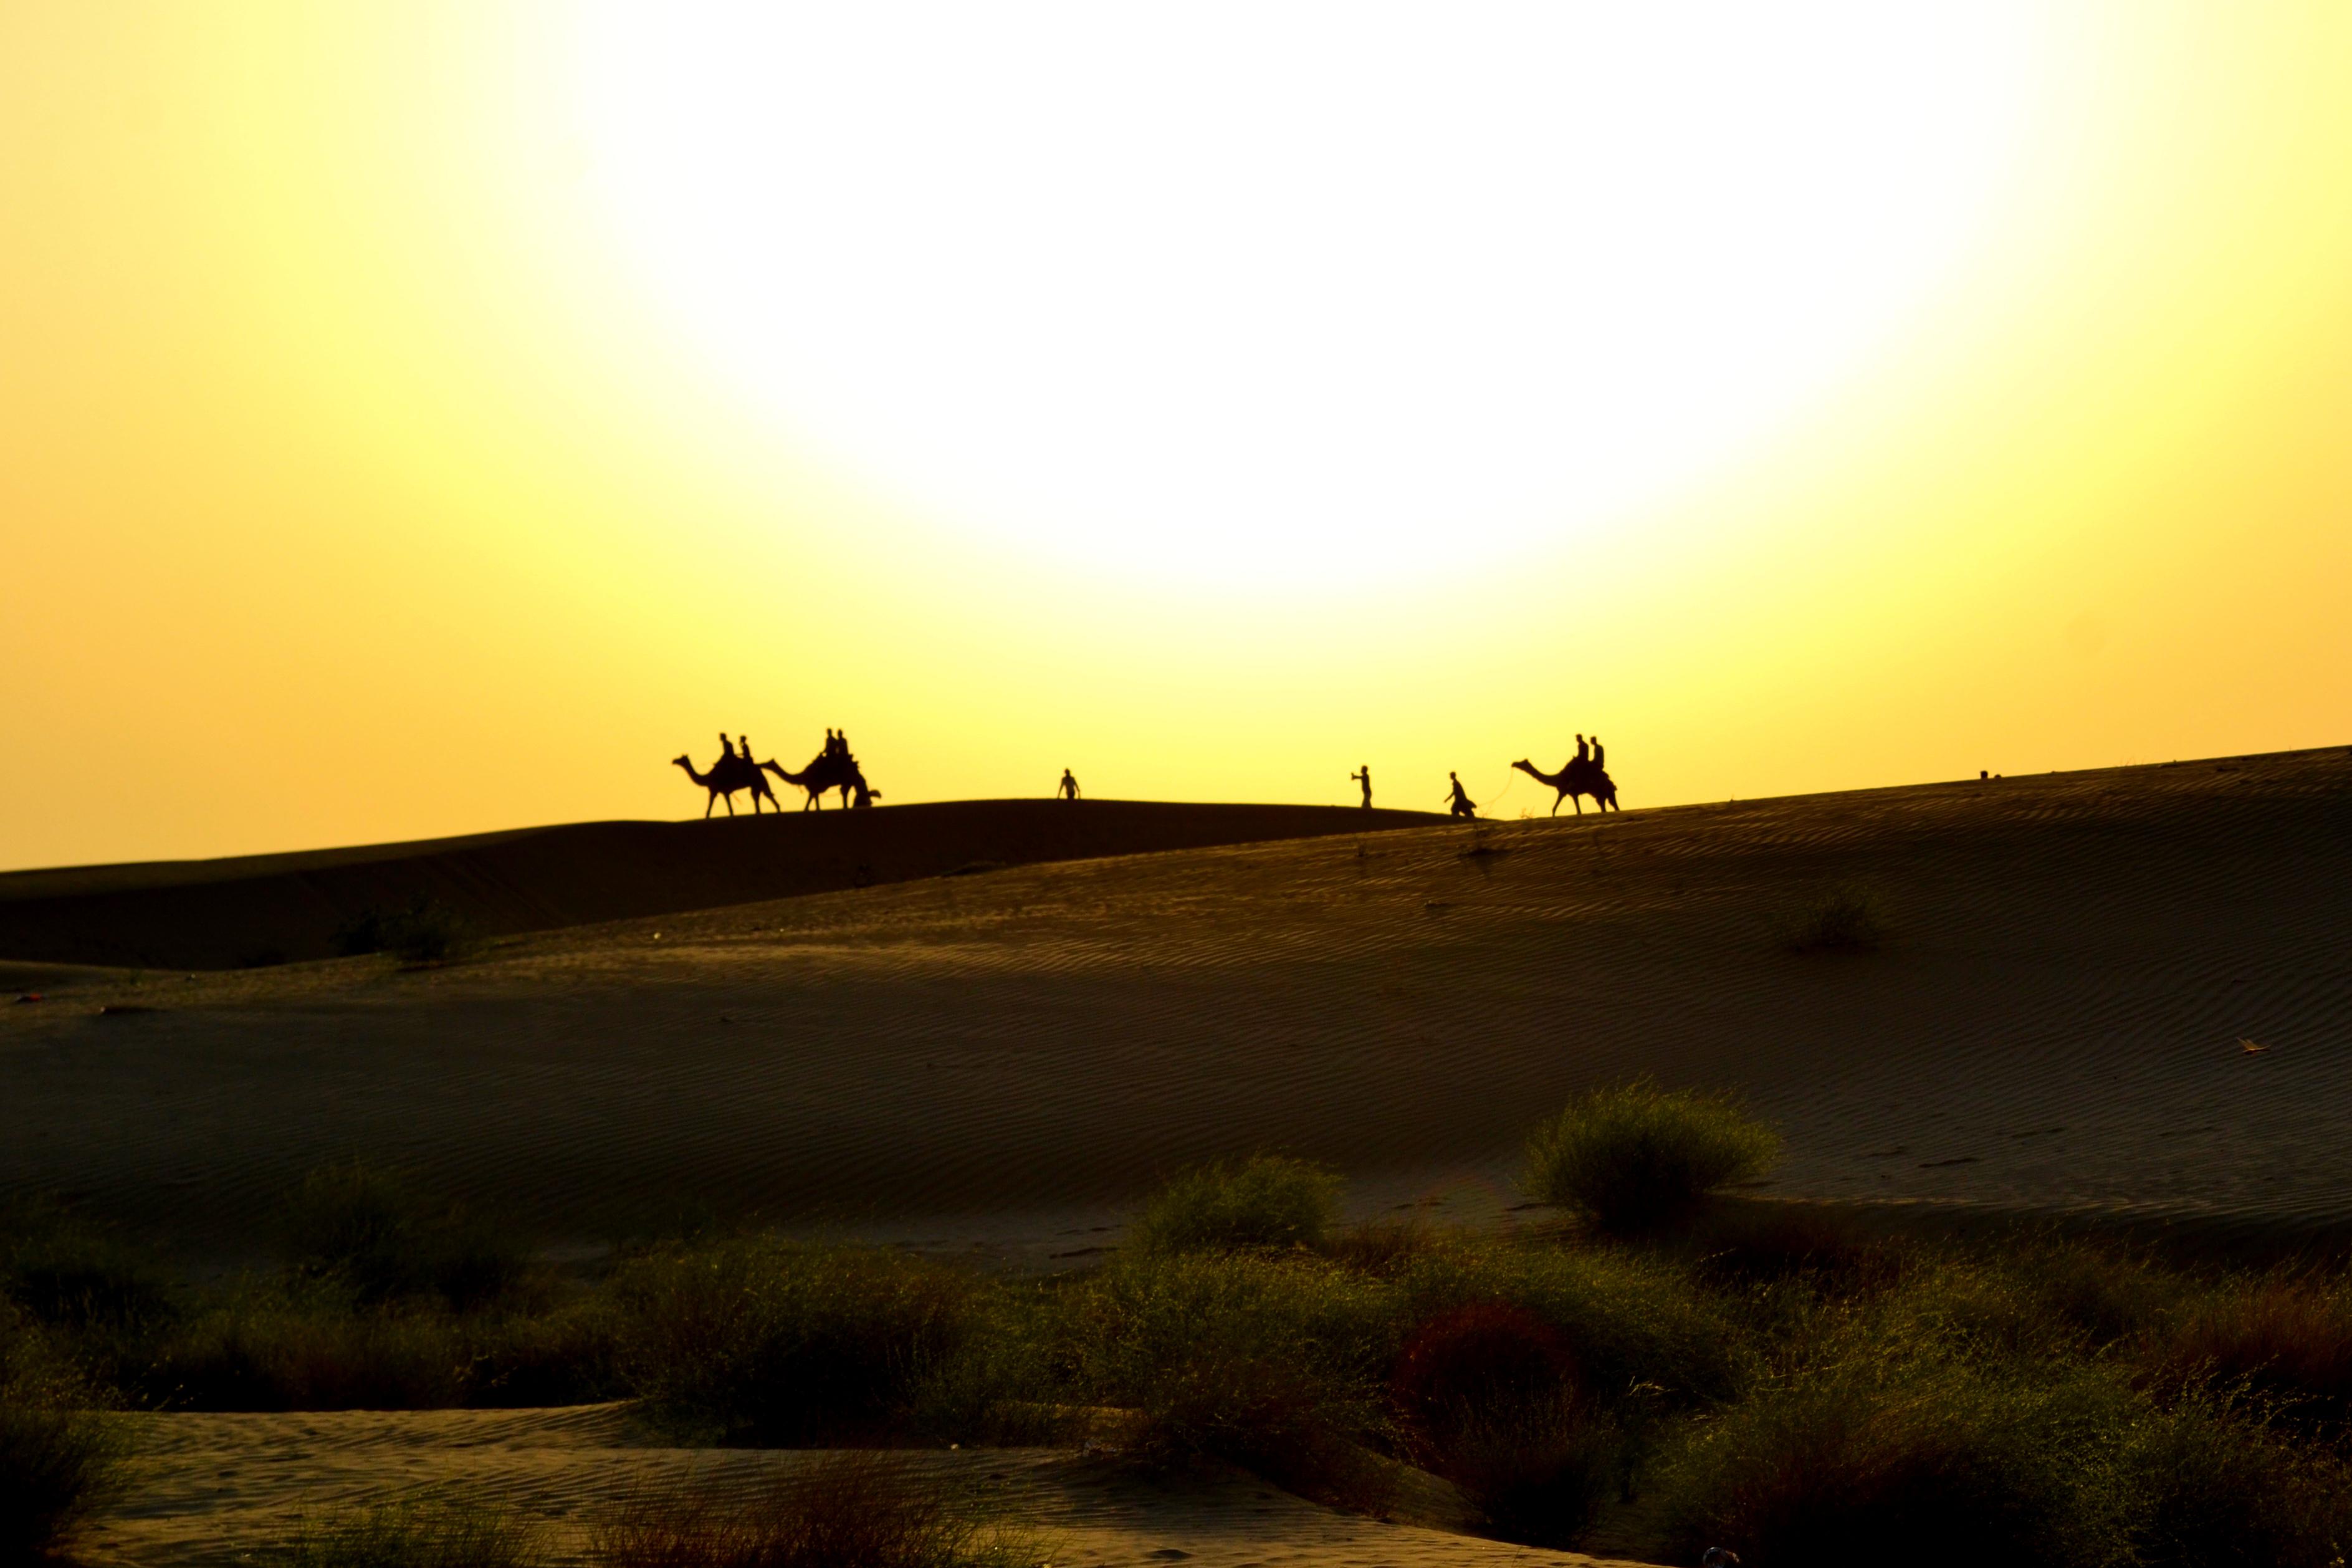 Indian desert